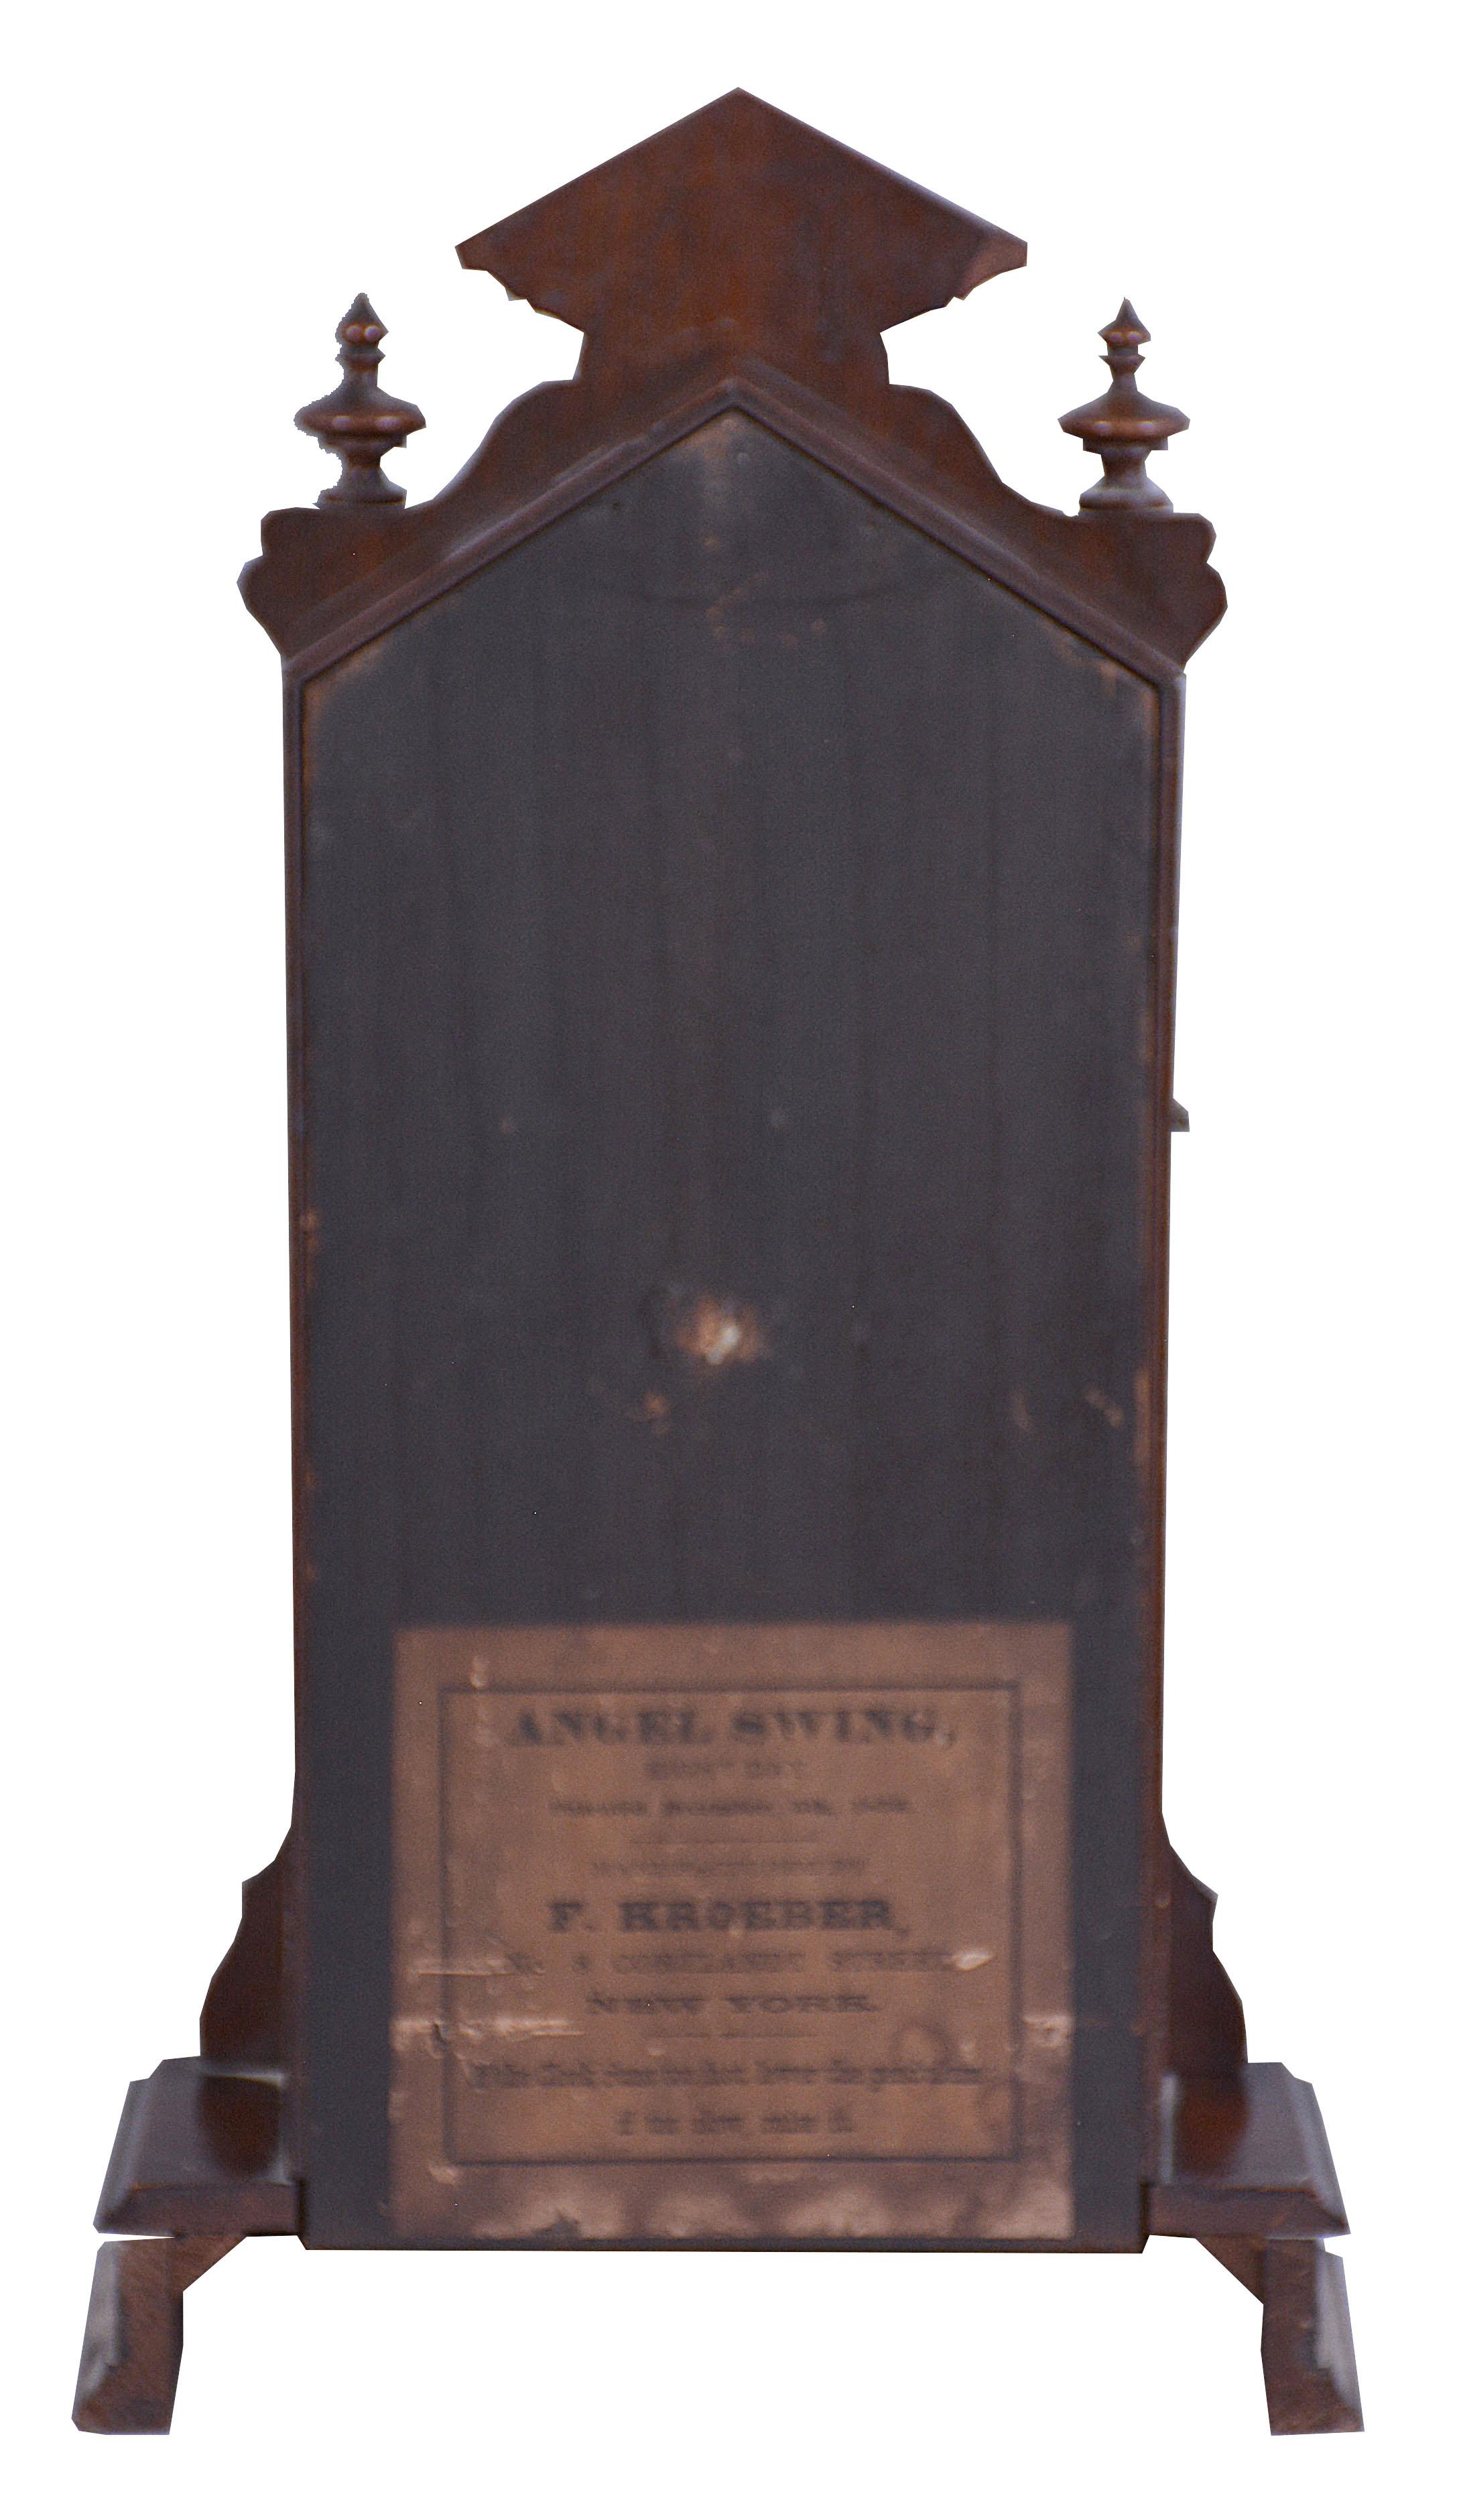 18422_05.jpg